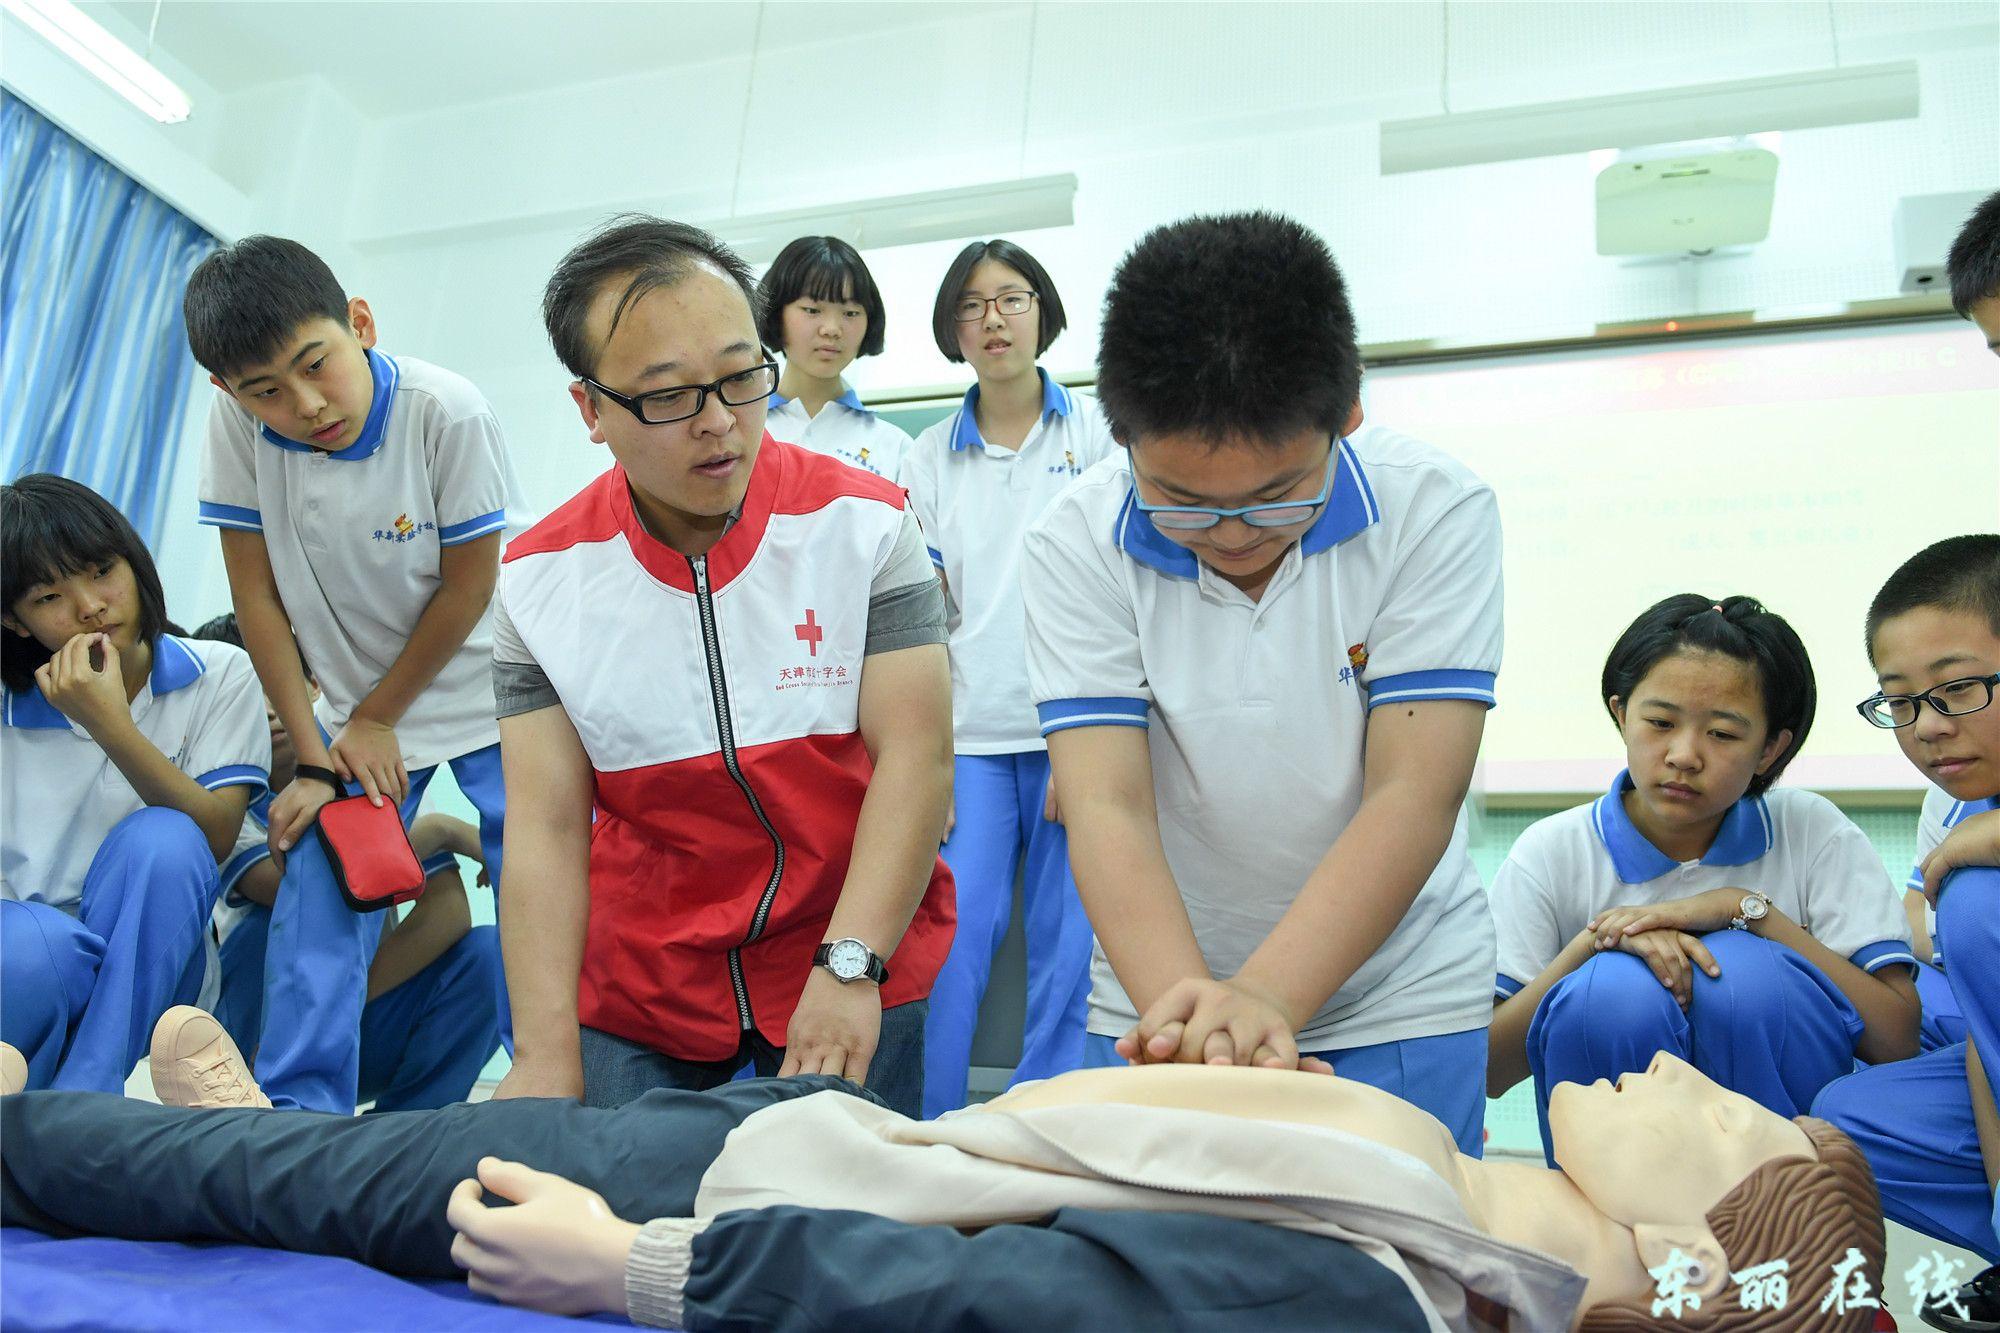 华新实验学校举行应急演练 - 图片新闻 - 东丽在线